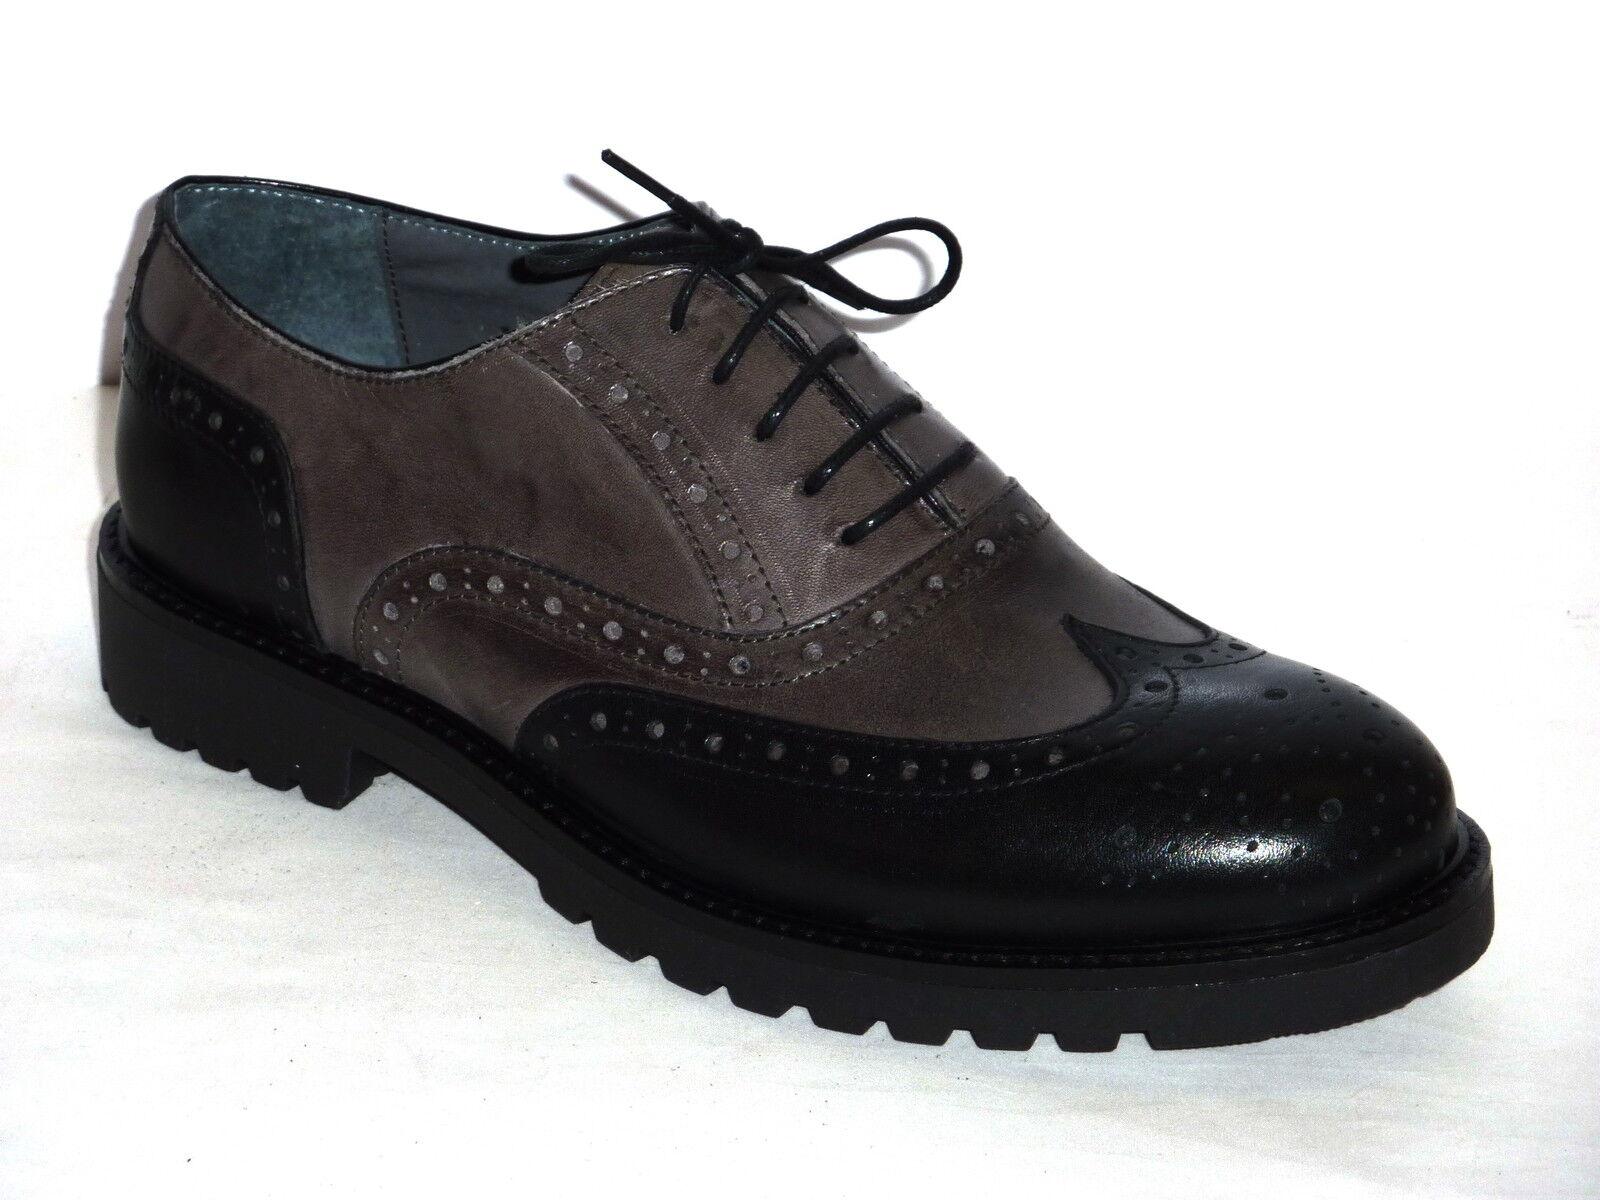 Herrenschuhe Casual Stil Englisch anschnallen schwarzes Leder grau n.40